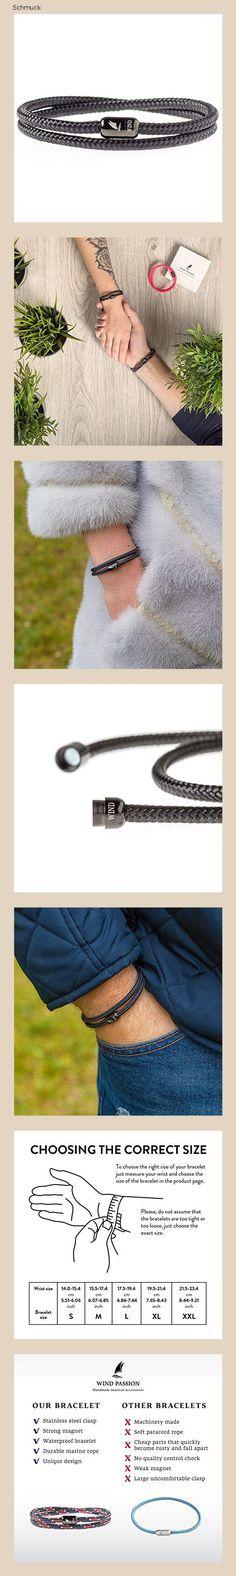 Wind Passion Armband Schwarz Unisex Maritim Segeltau mit Magnetverschluss für Männer und Frauen, Größe Small - 14fj